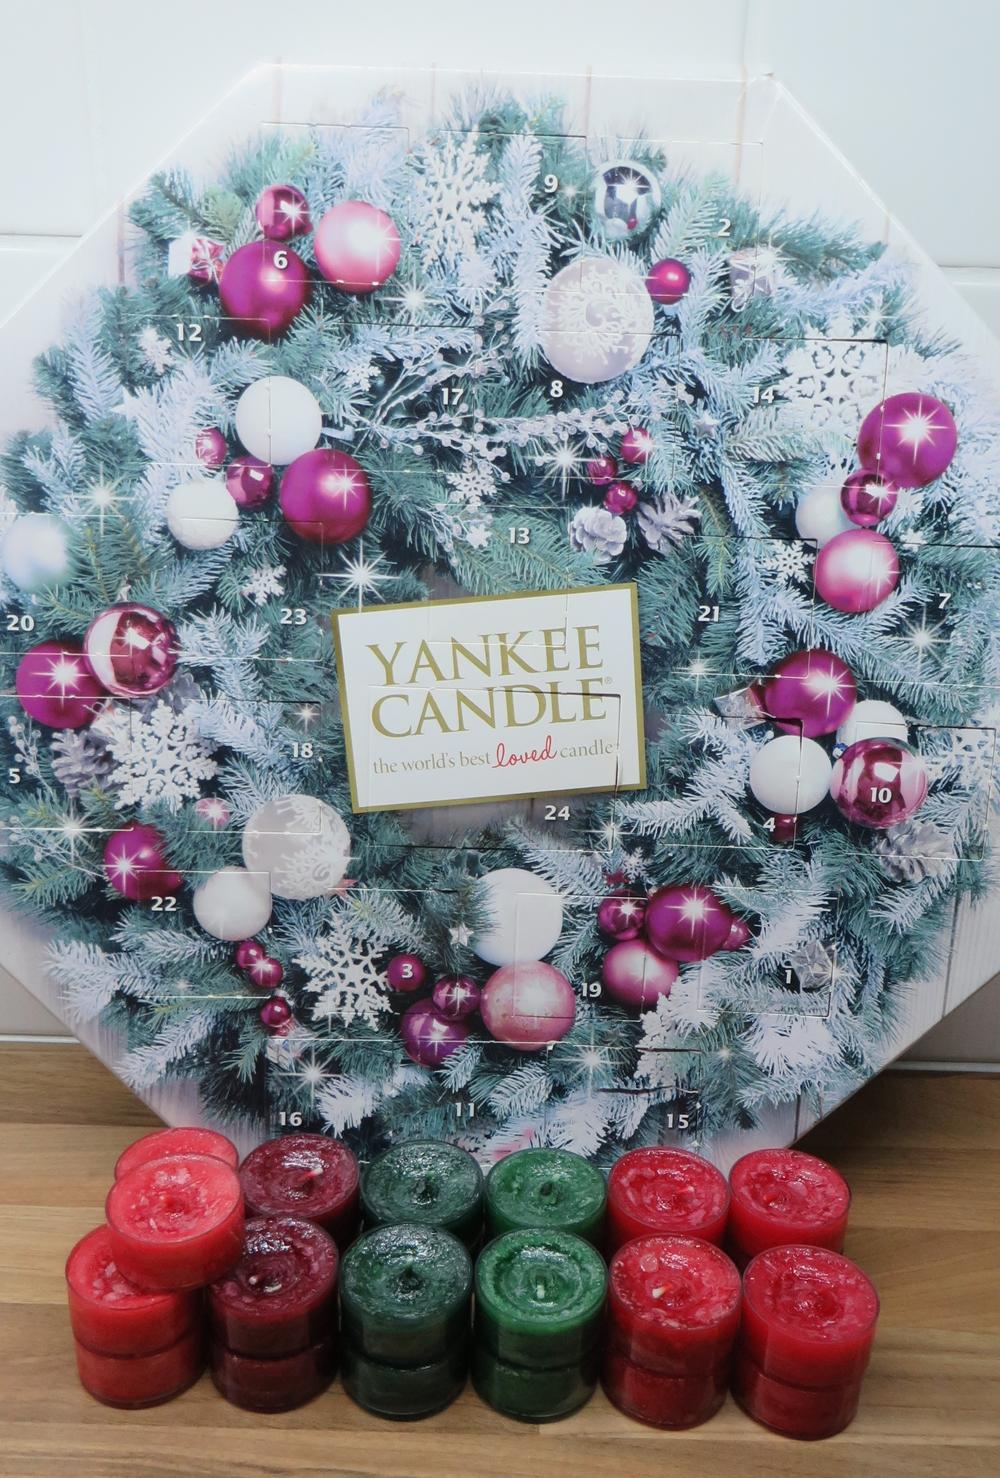 kynttilä joulukalenteri 2018 Blinger shimmer: Yankee Candle  joulukalenterin yhteenveto kynttilä joulukalenteri 2018